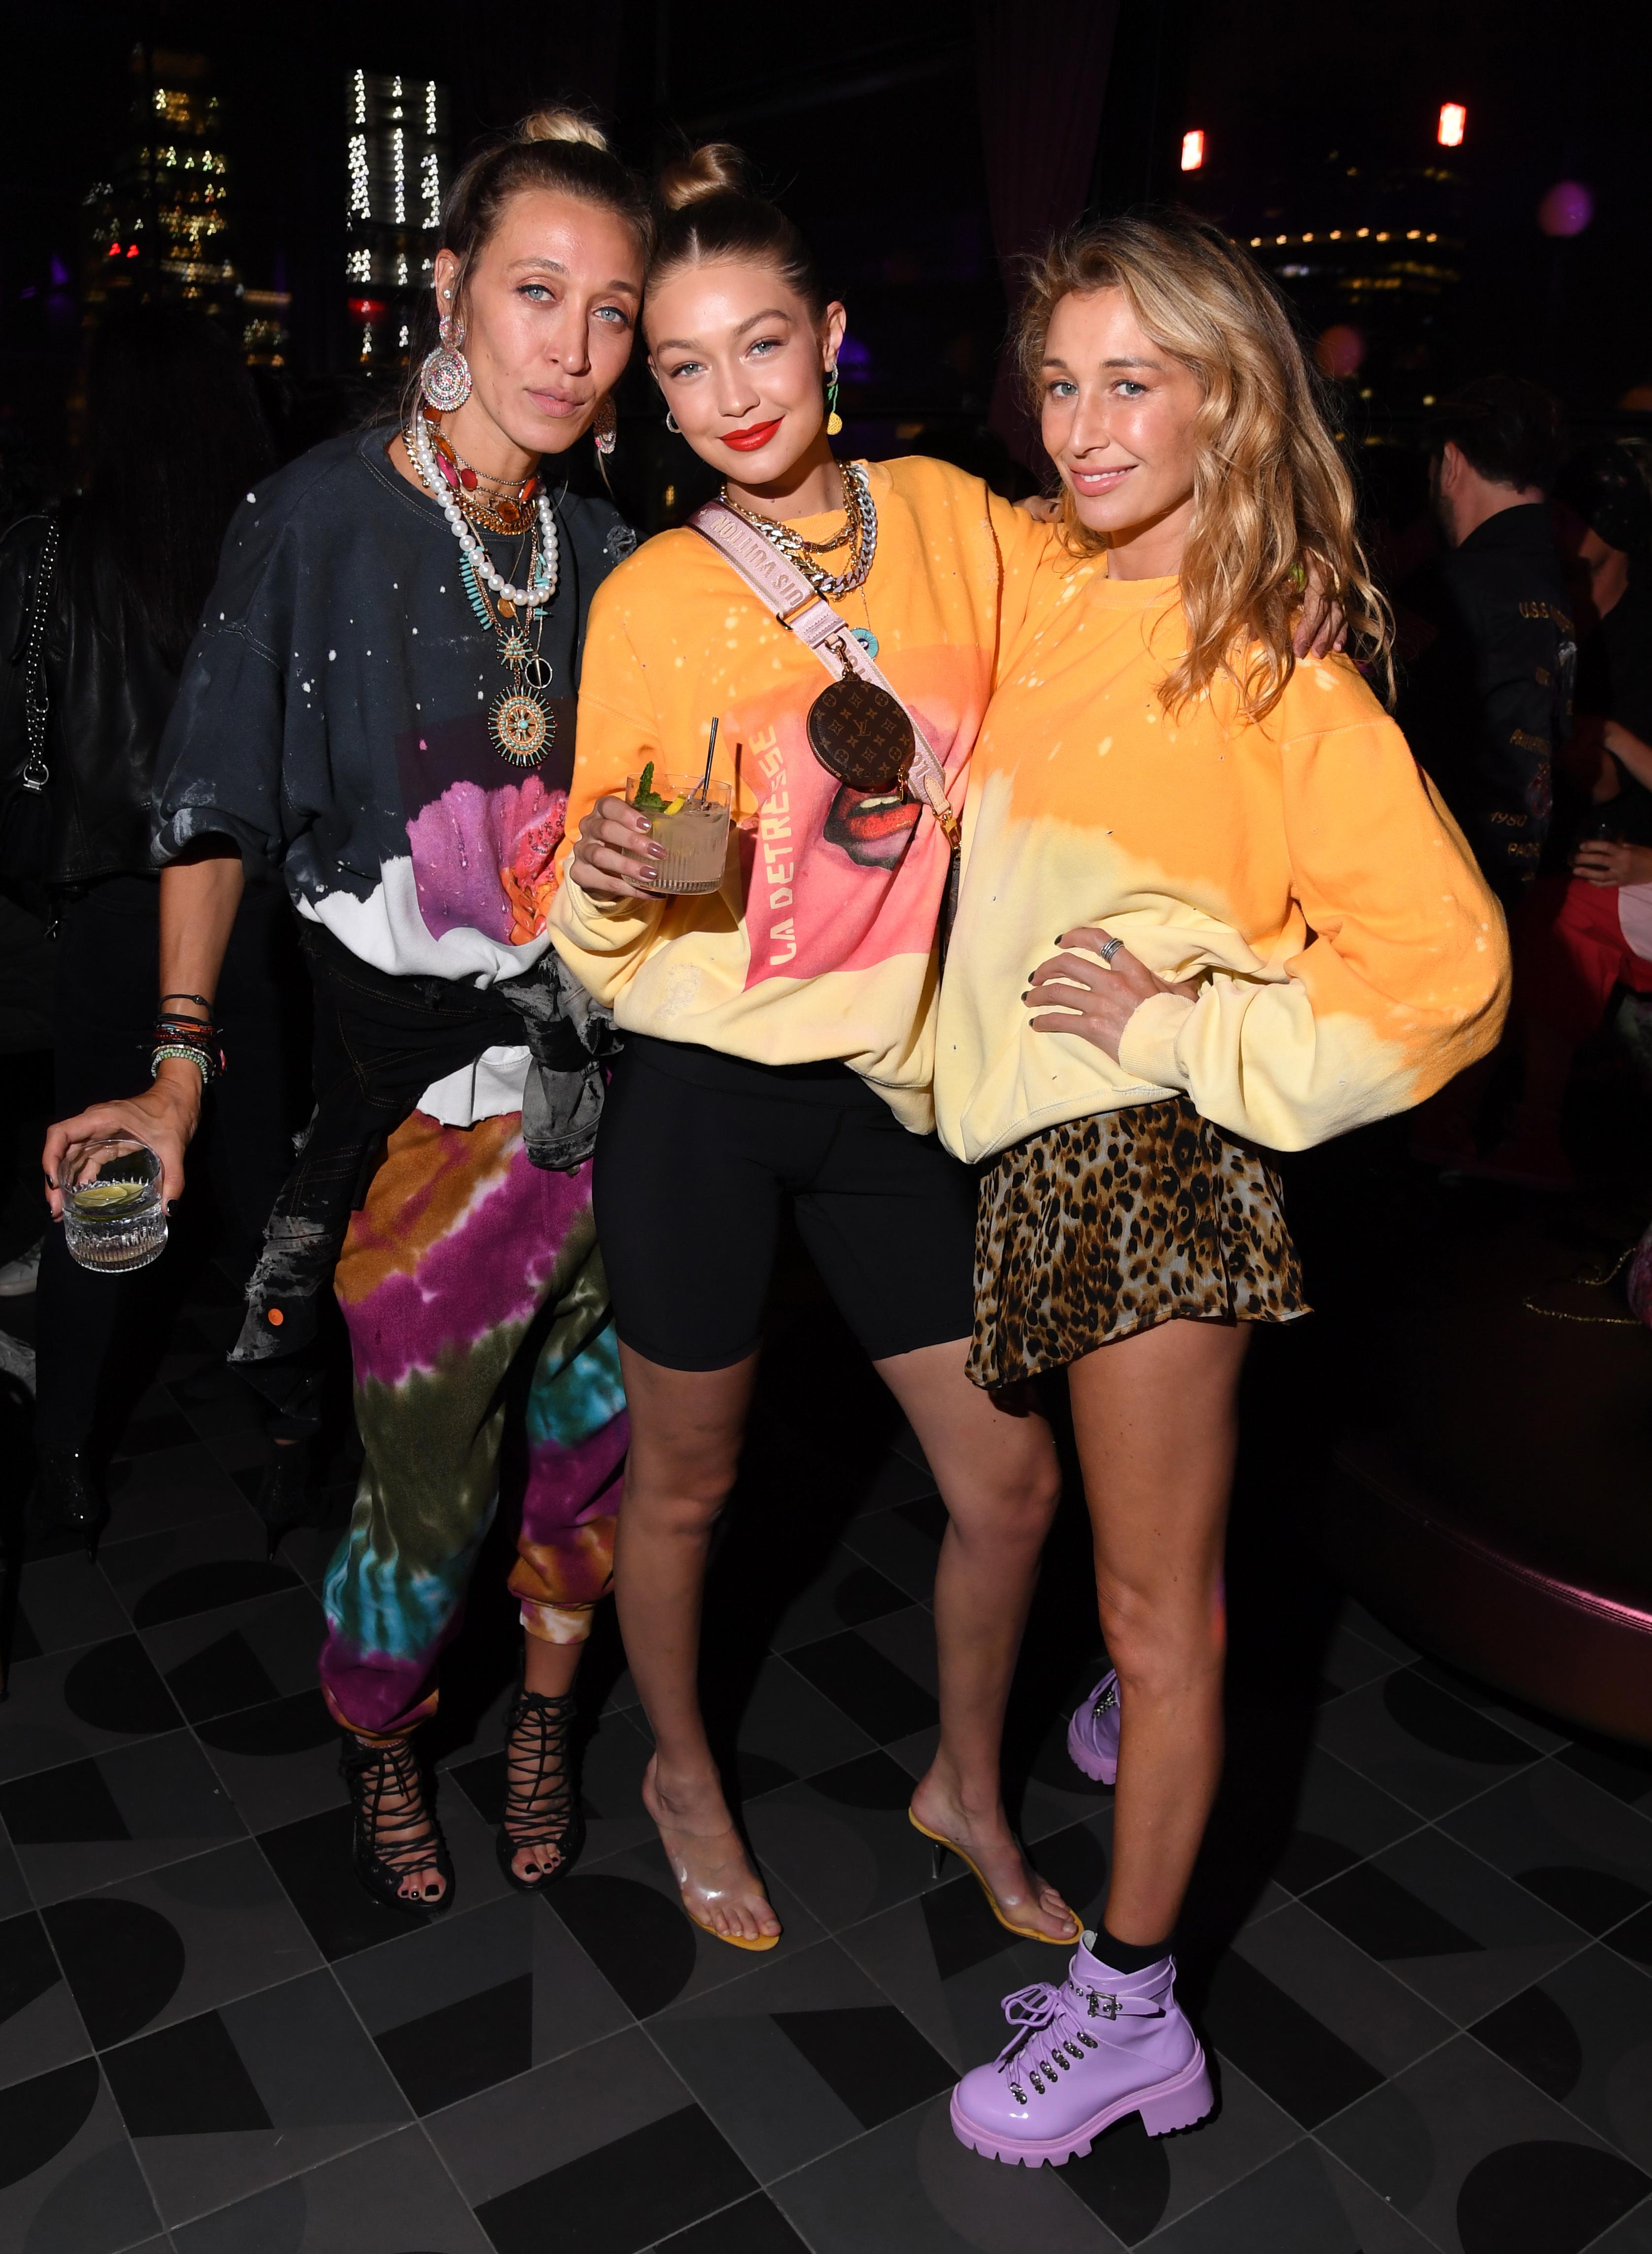 Alana Hadid, Gigi Hadid and Marielle Hadid